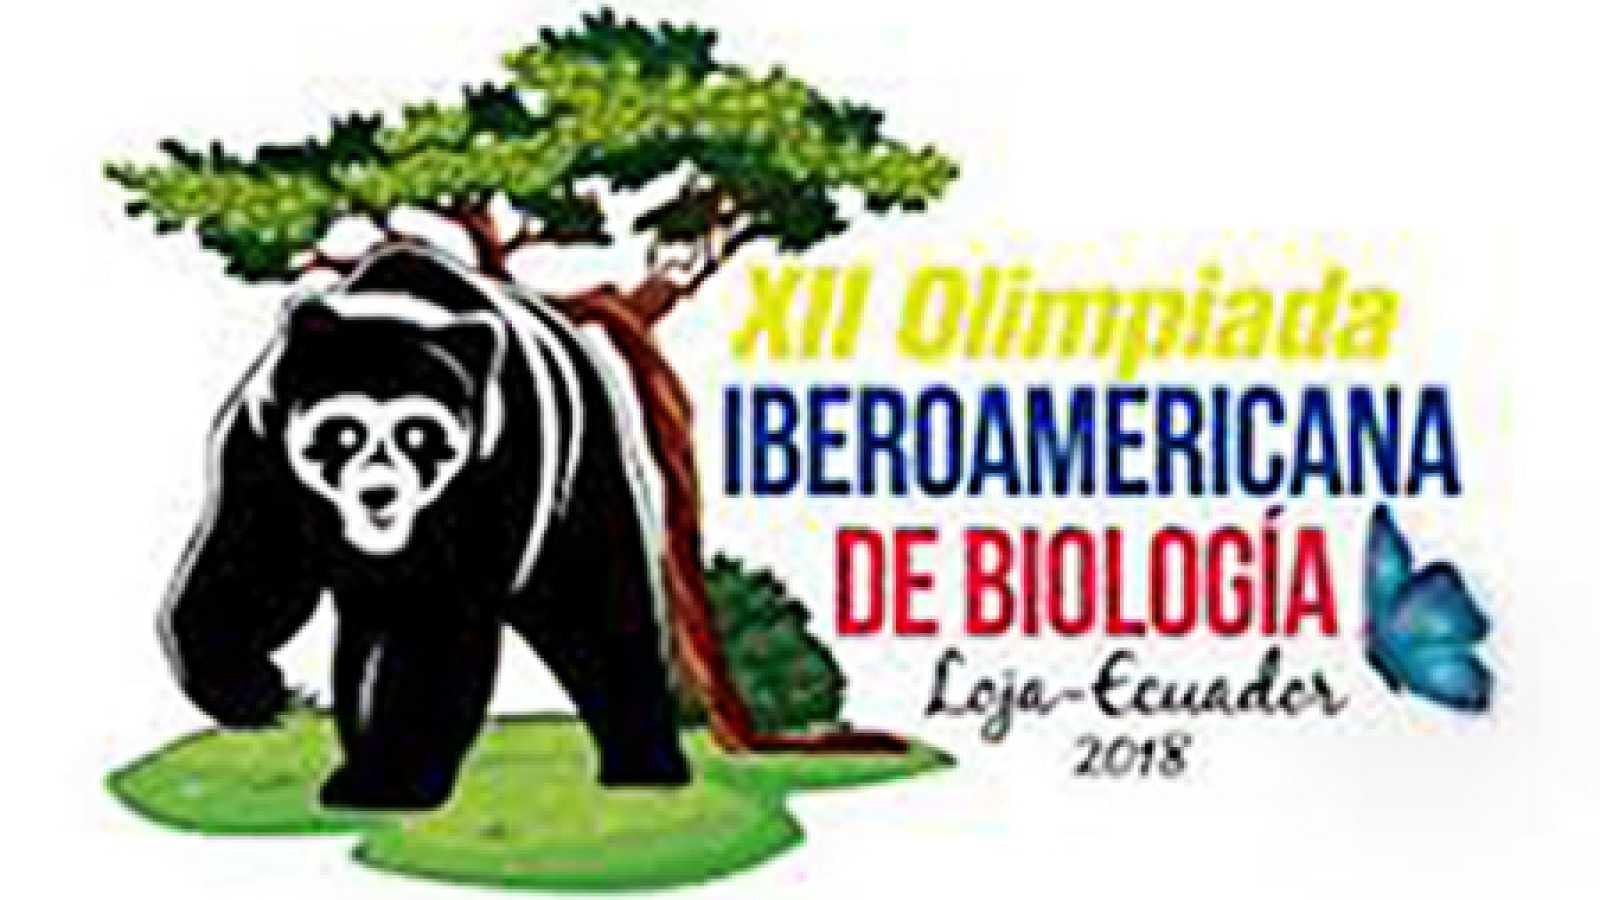 Salimos por el mundo - XII Olimpiada Iberoamericana de Biología en Ecuador - 25/07/18 - escuchar ahora